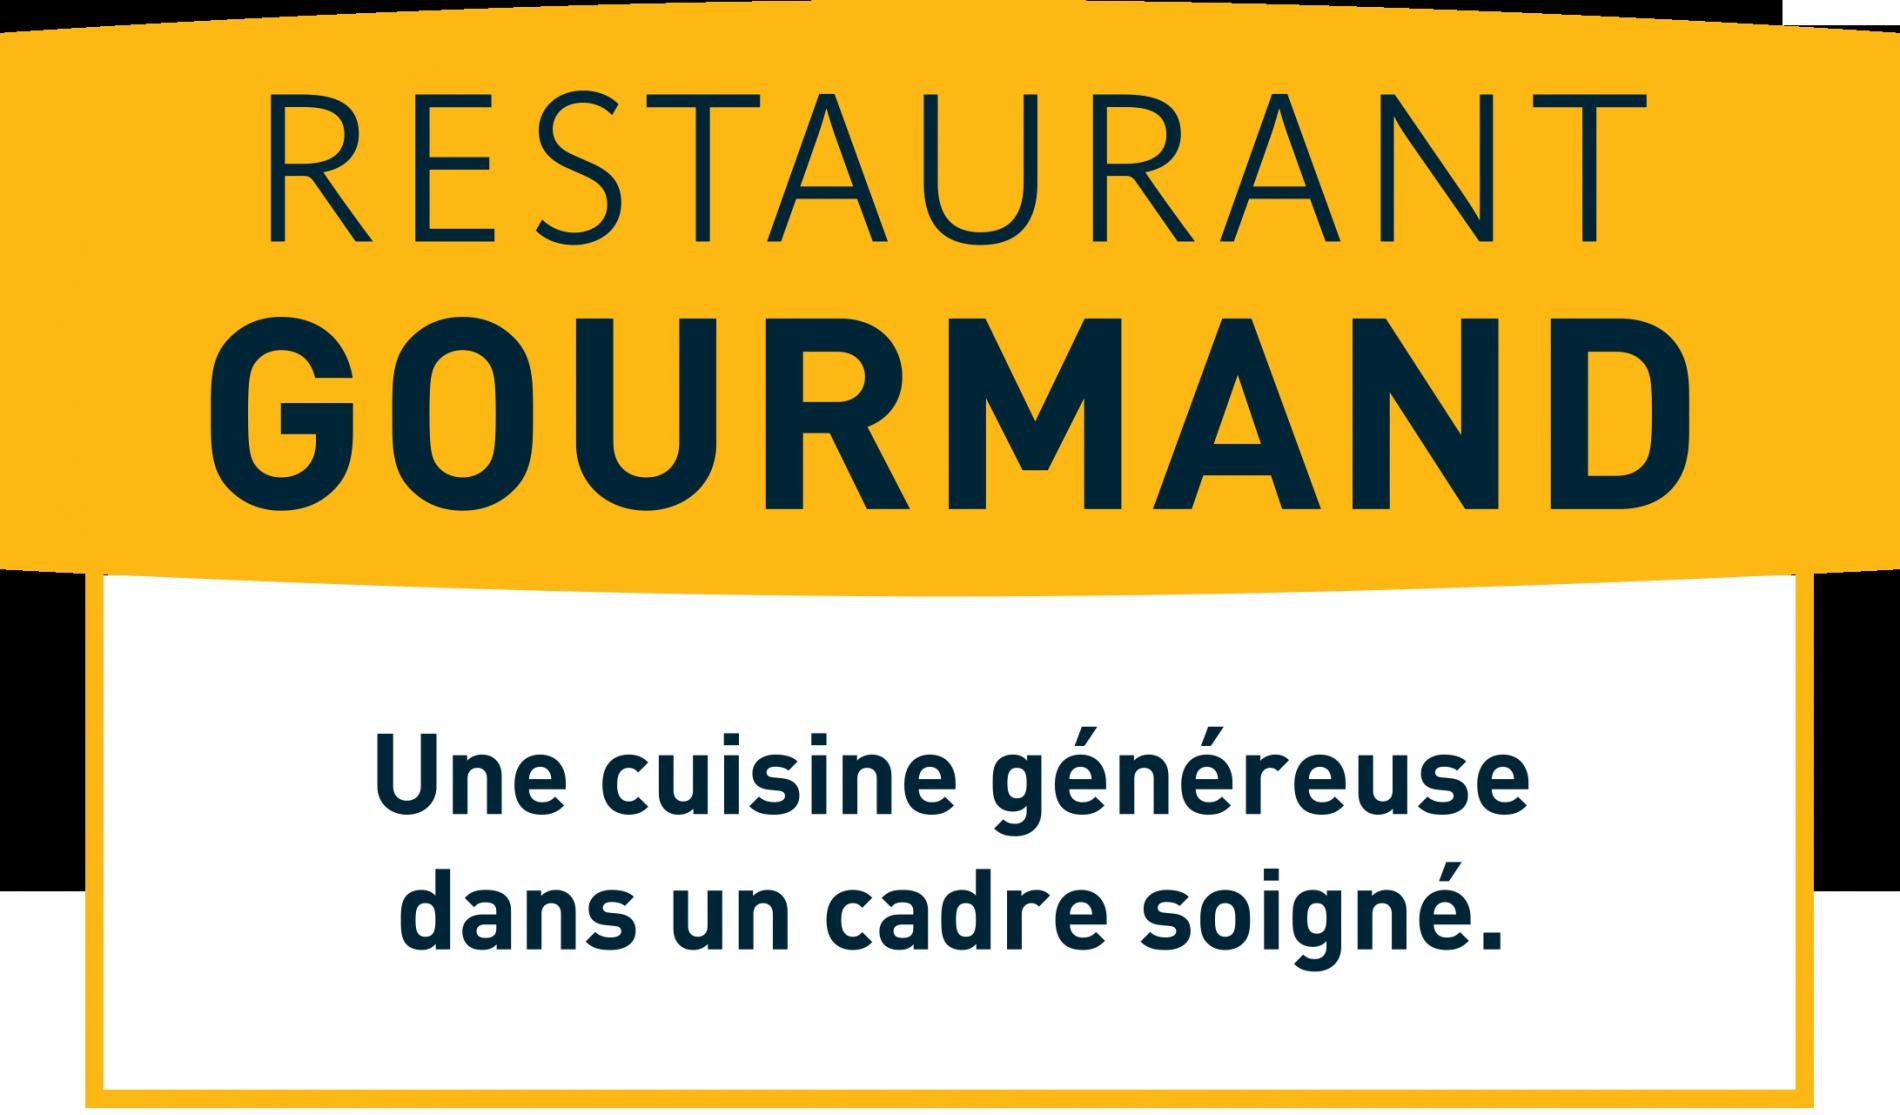 Logis hotel Restaurant gourmand L'Hôtel L'Ange Couronné à Belleville